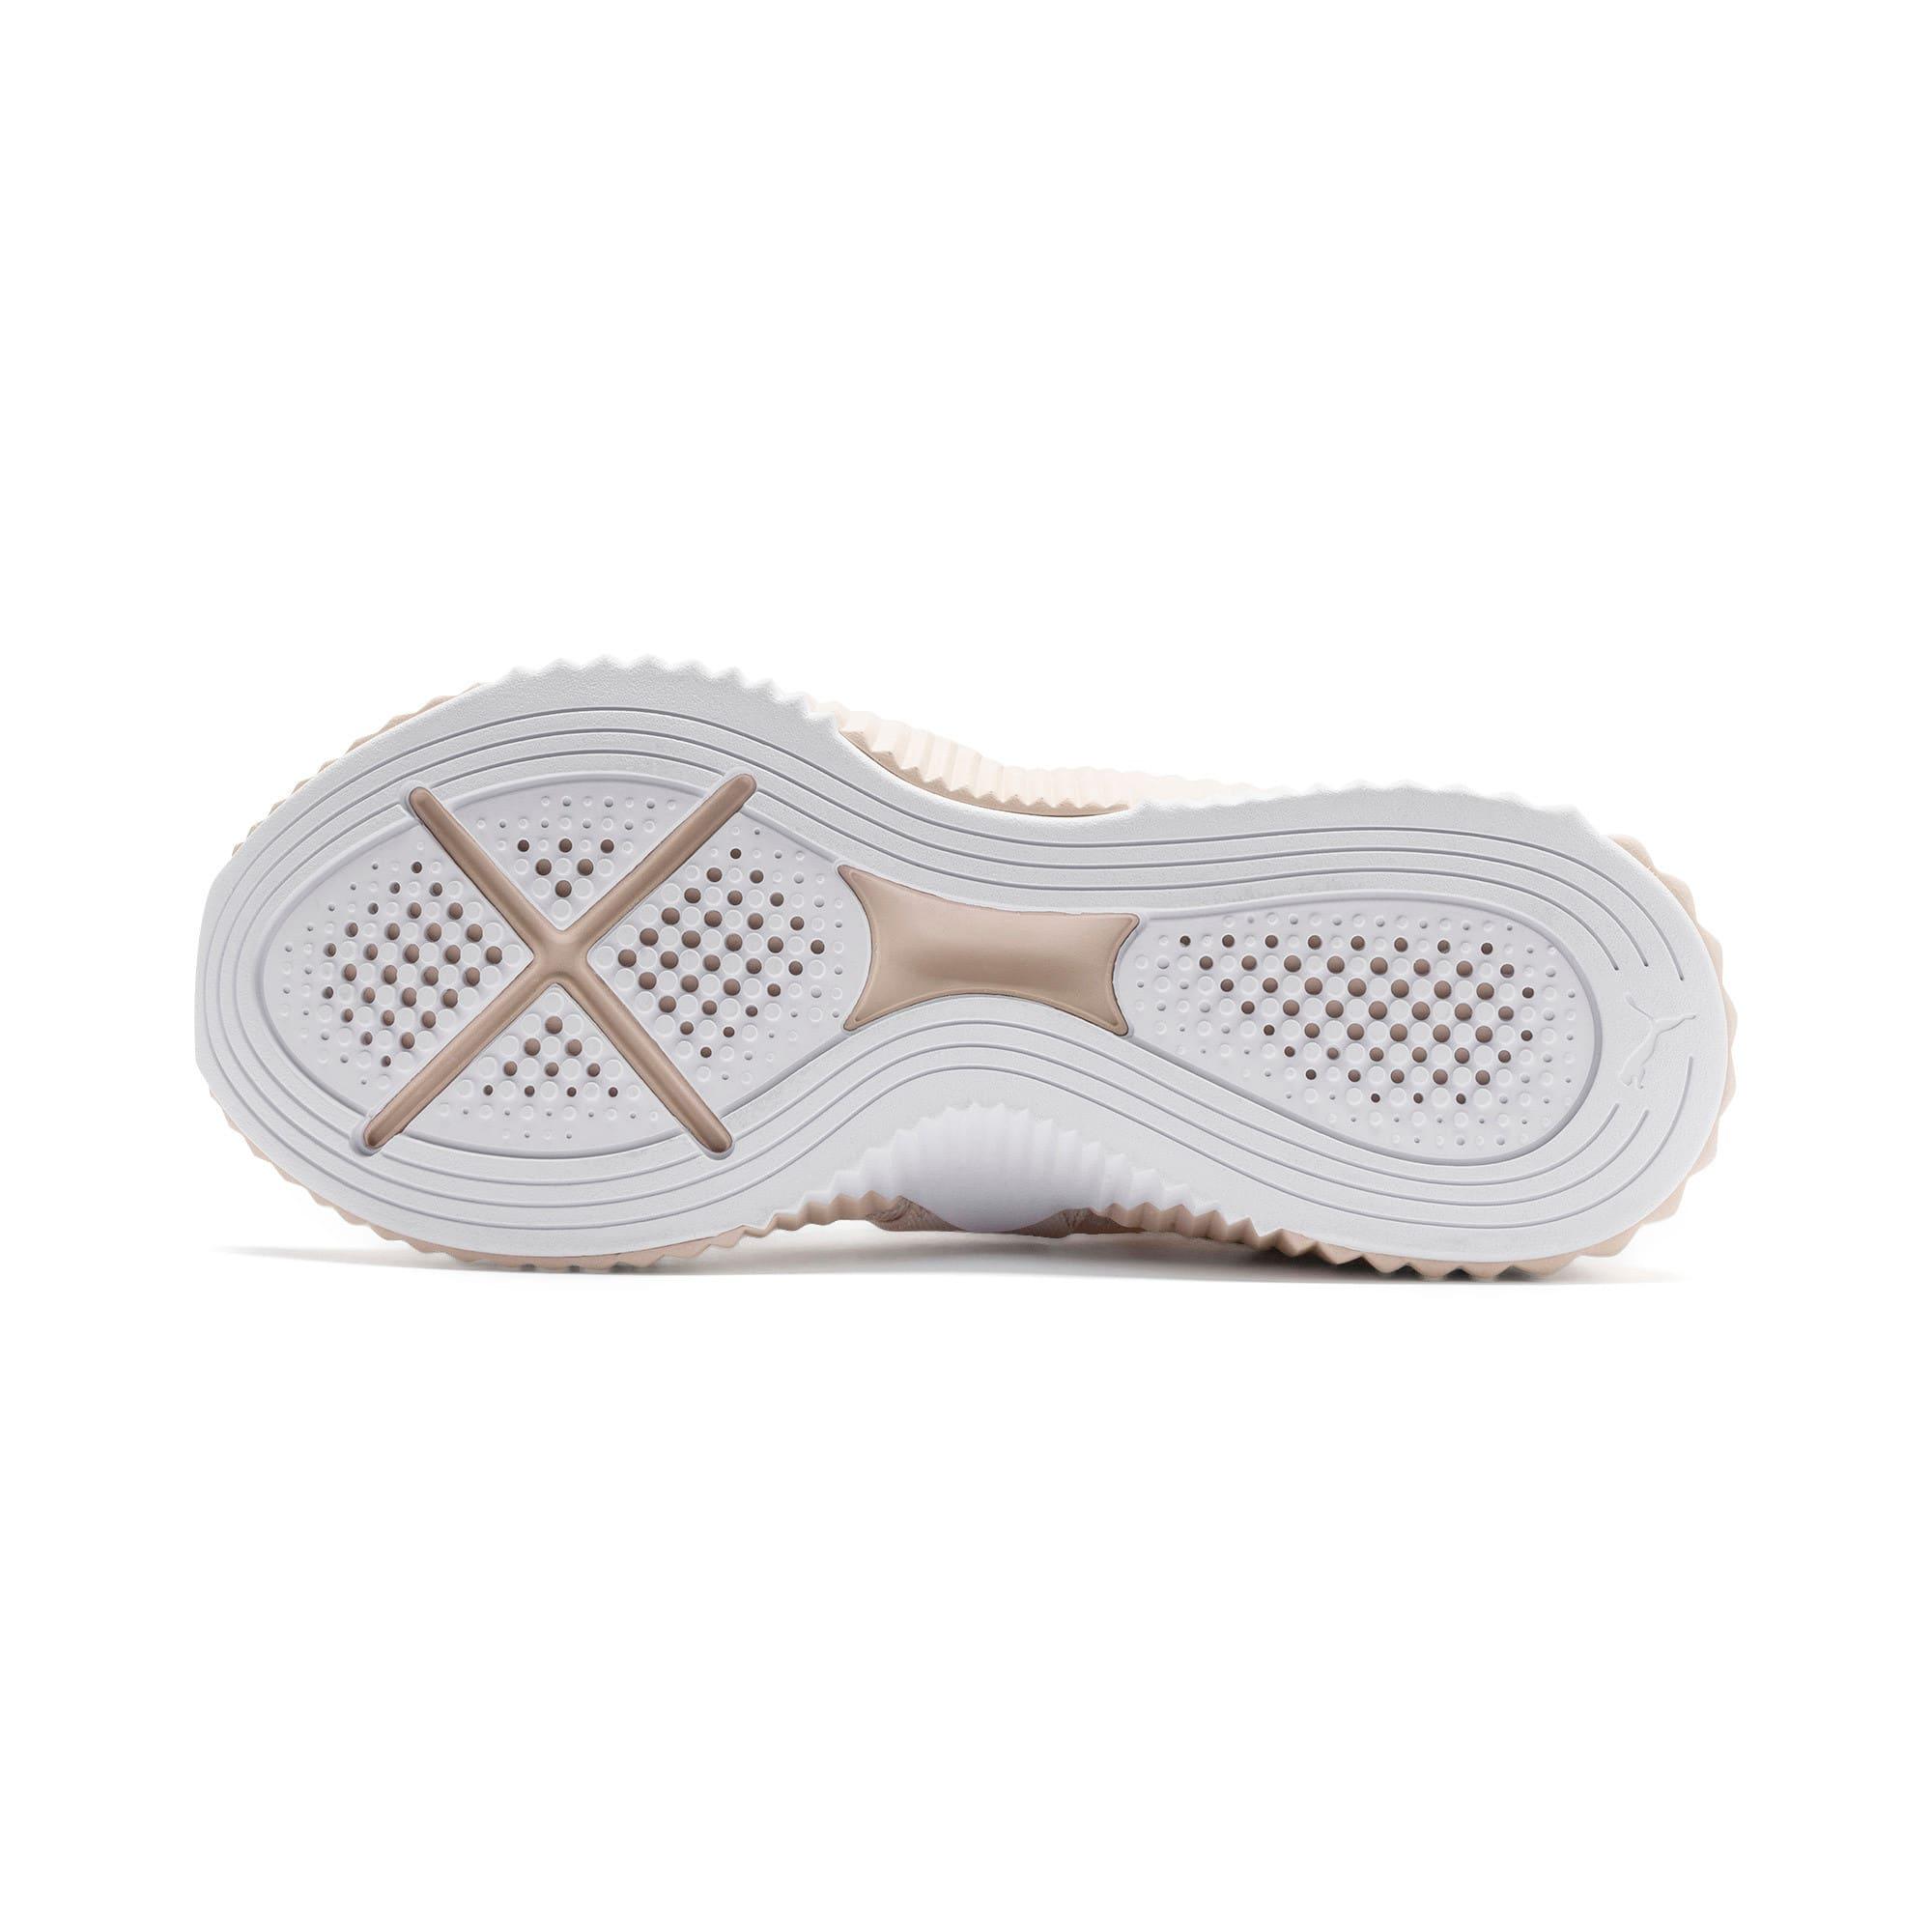 Thumbnail 5 of Defy Mid Core Women's Training Shoes, Pastel Parchment-Puma White, medium